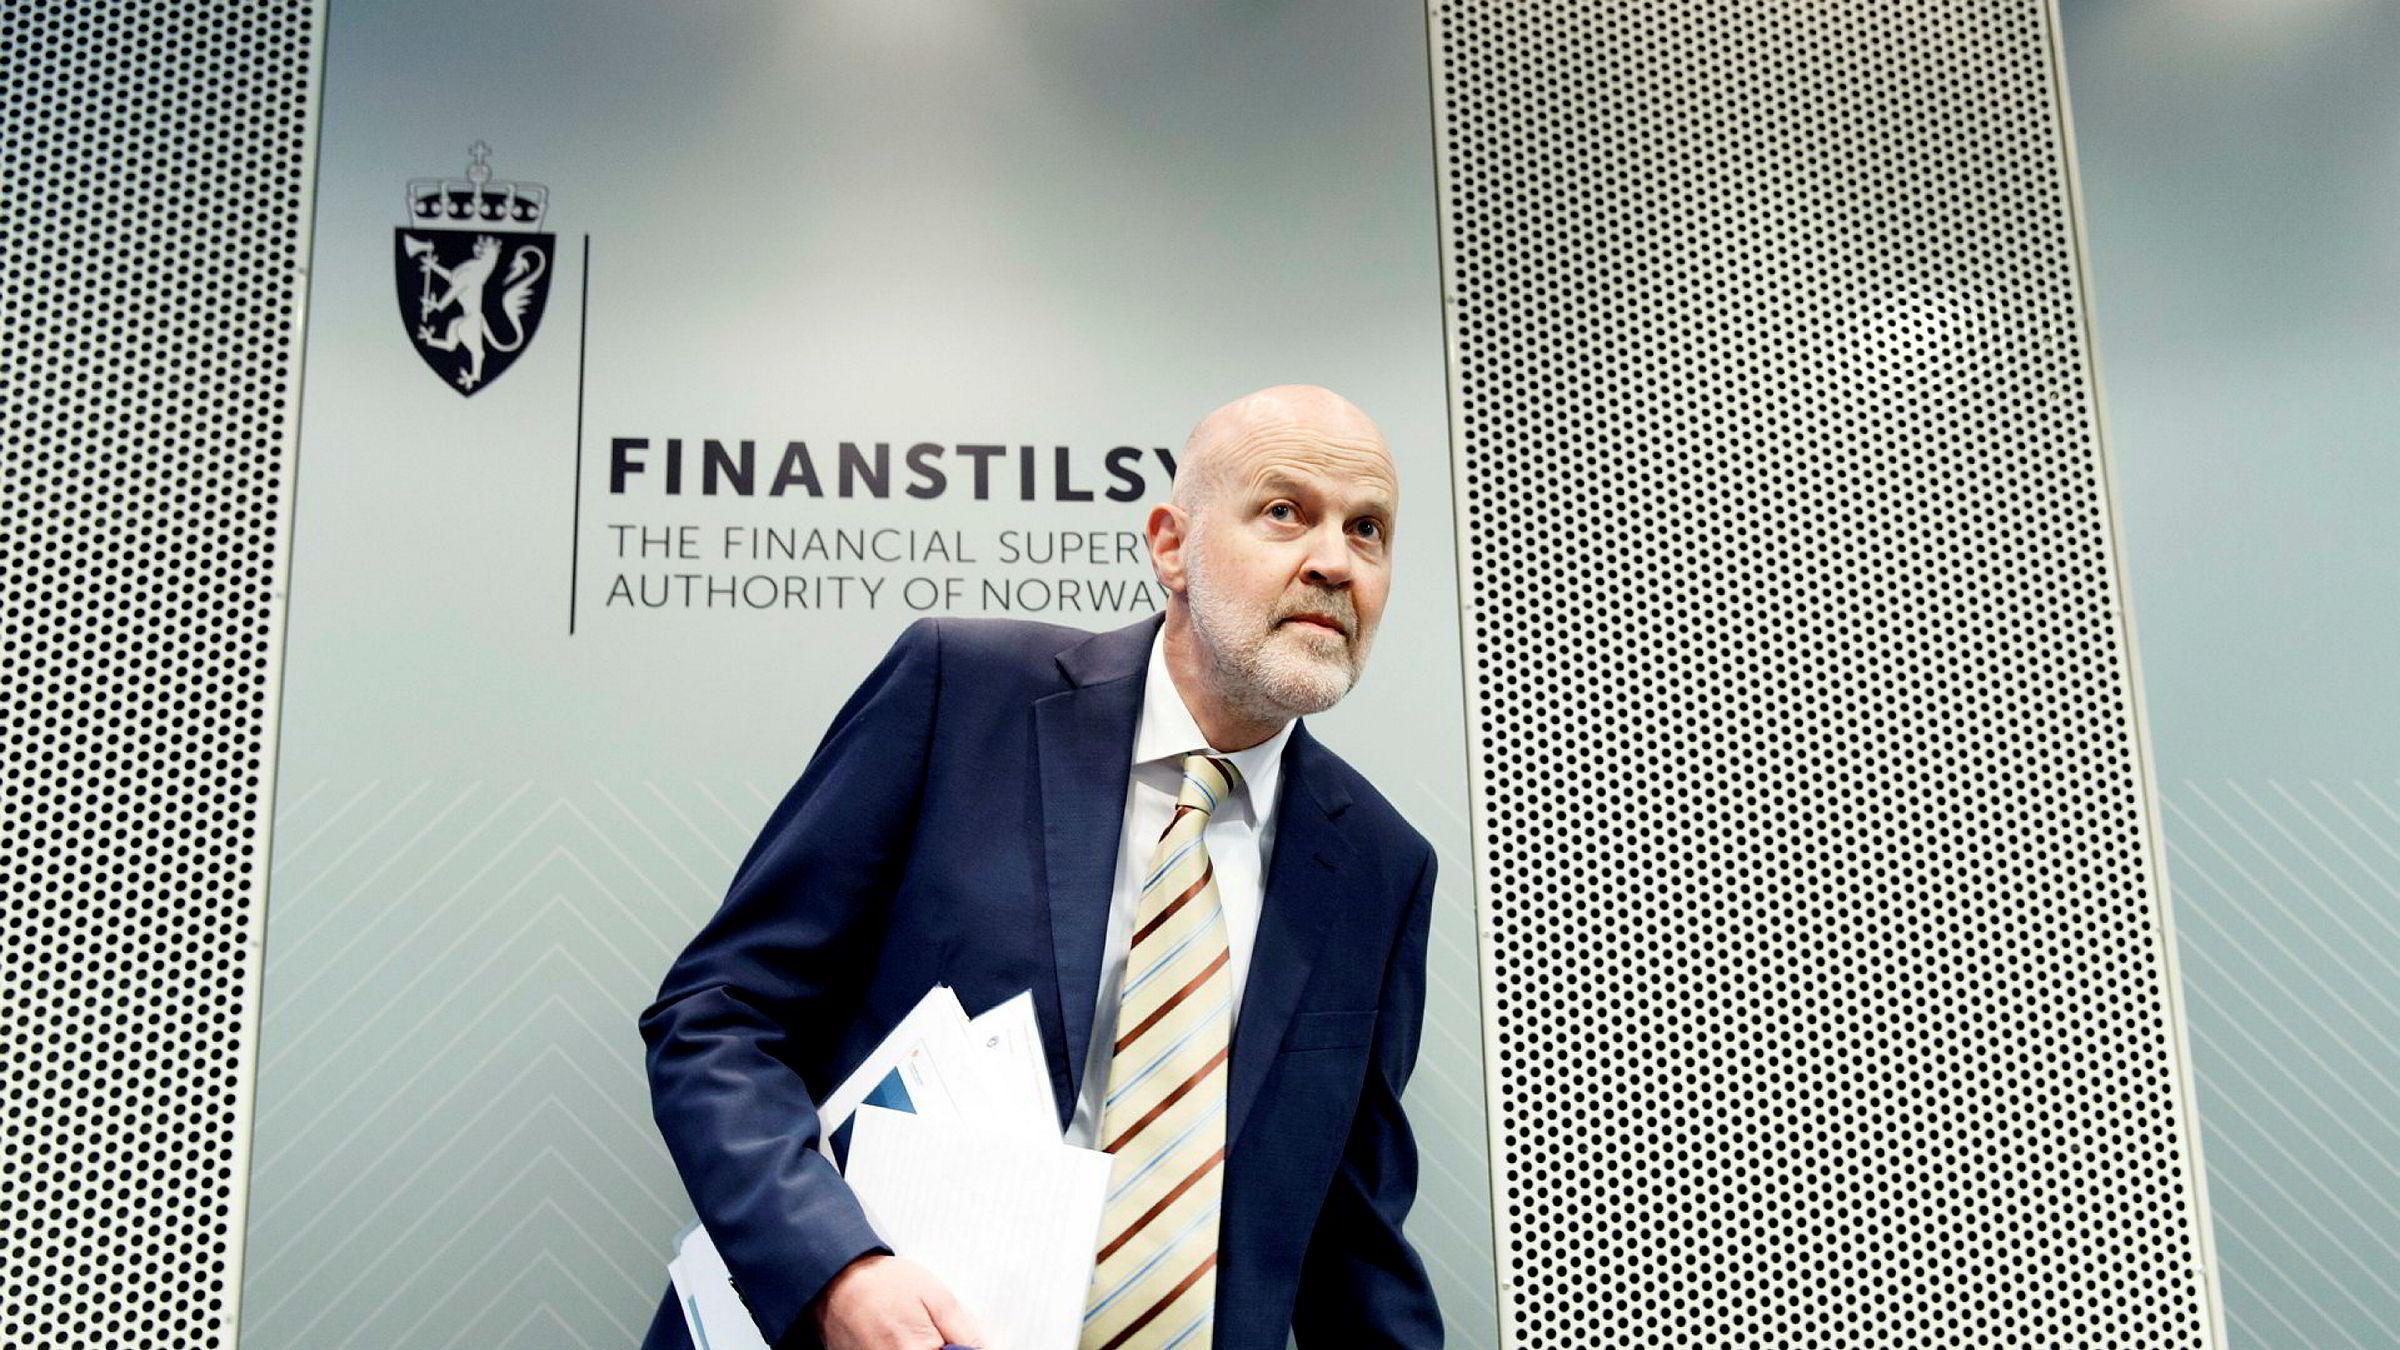 Økte tapsavsetninger denne våren har spist av bankenes løpende inntjening, som er førstelinjeforsvaret, ikke deres egenkapital, skriver Erik Johansen, direktør i Finans Norge.